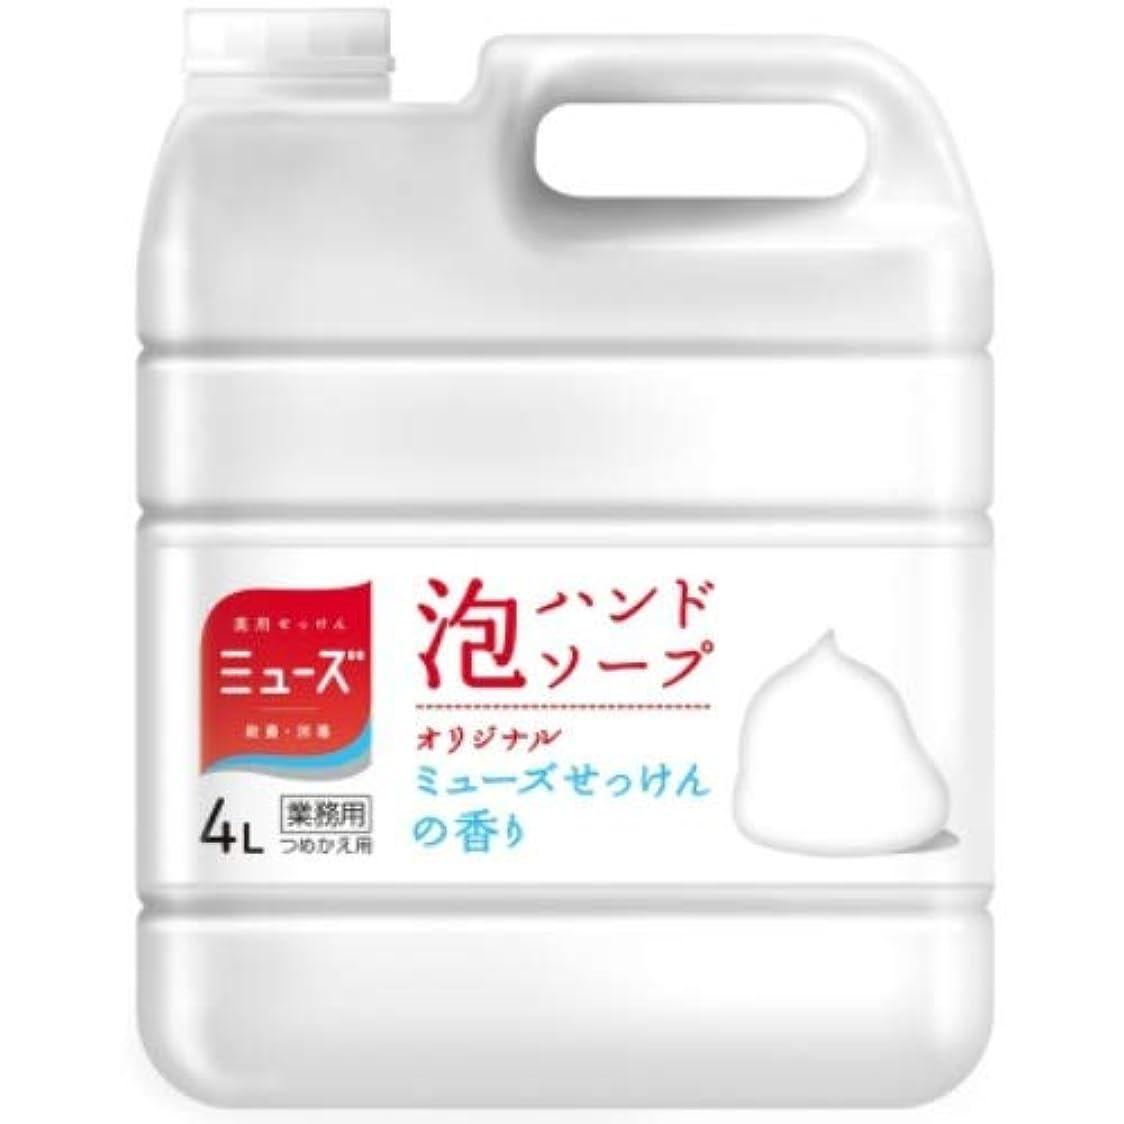 泥沼座るトリッキー【医薬部外品】泡ミューズ オリジナル 4L